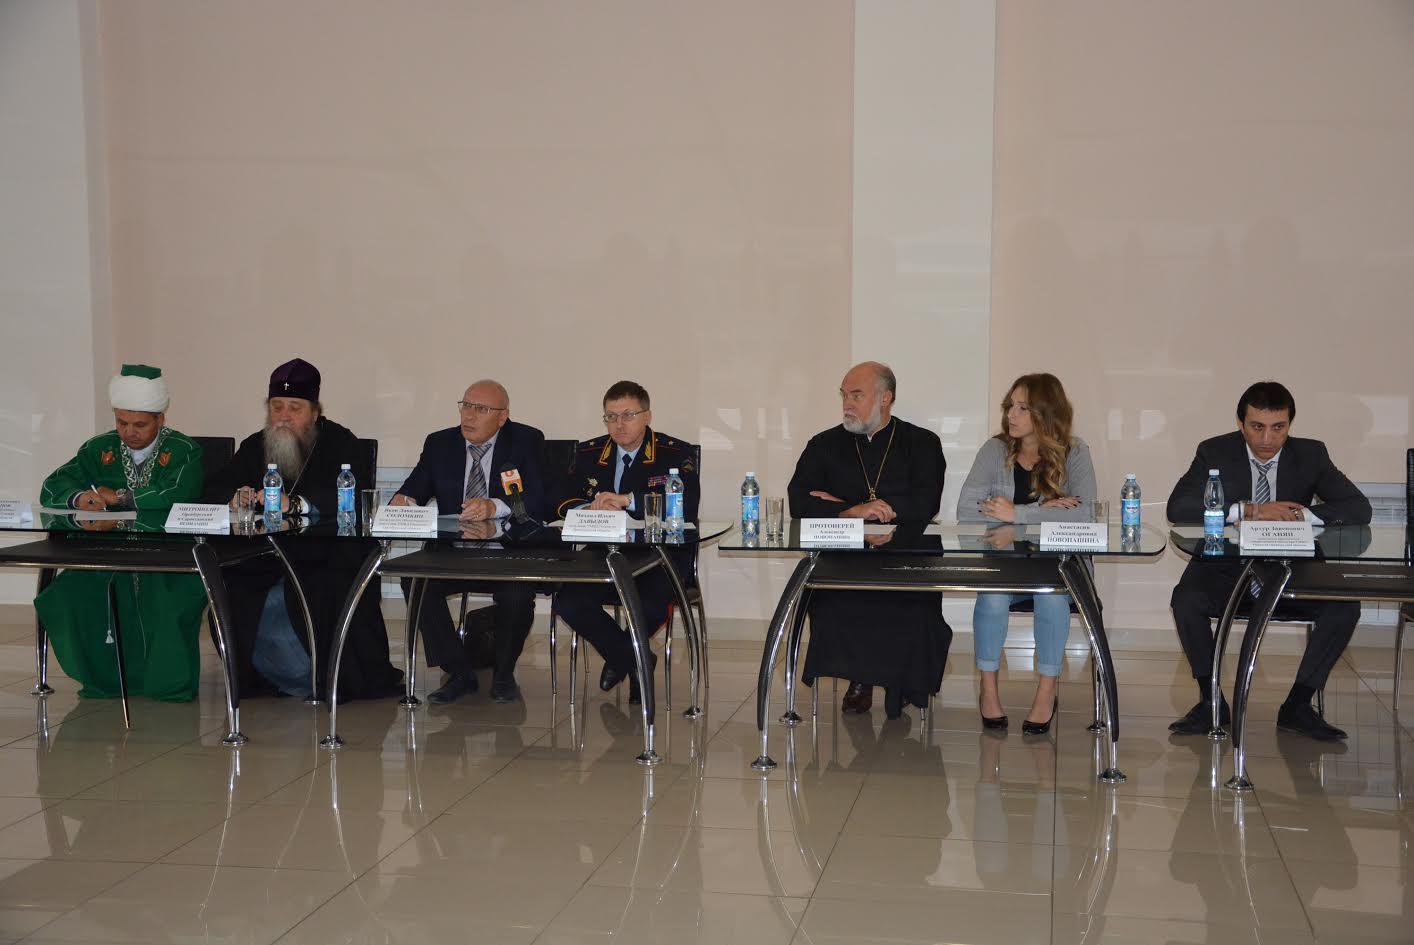 О свободе, религии и экстремизме говорили на круглом столе «Кино против терроризма»